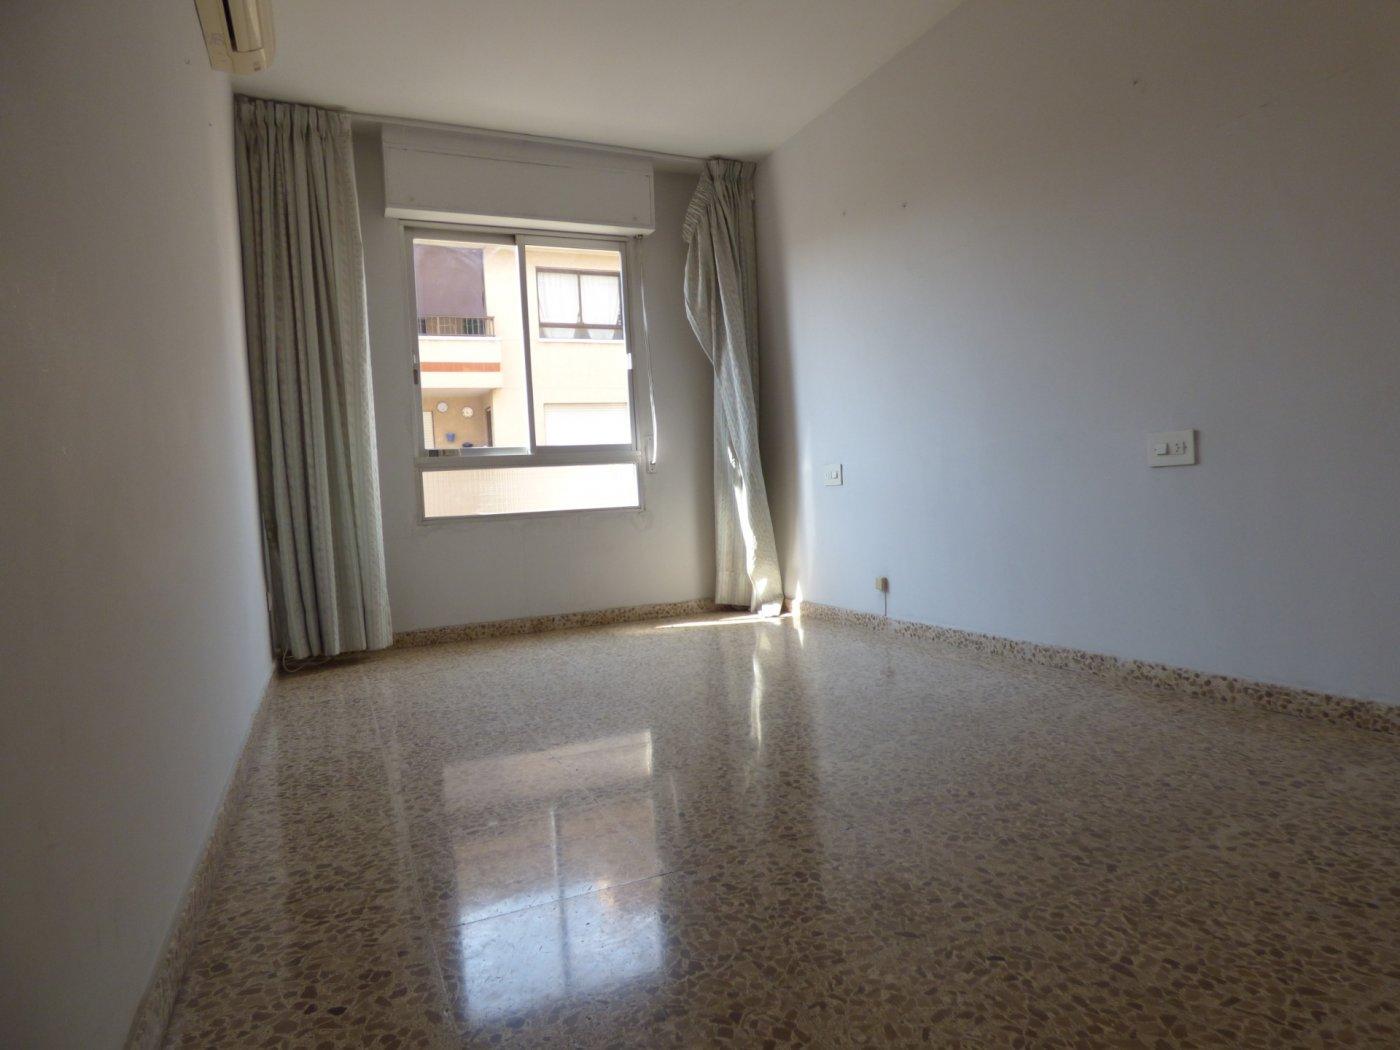 Amplio piso en son cotoner con garaje - imagenInmueble9